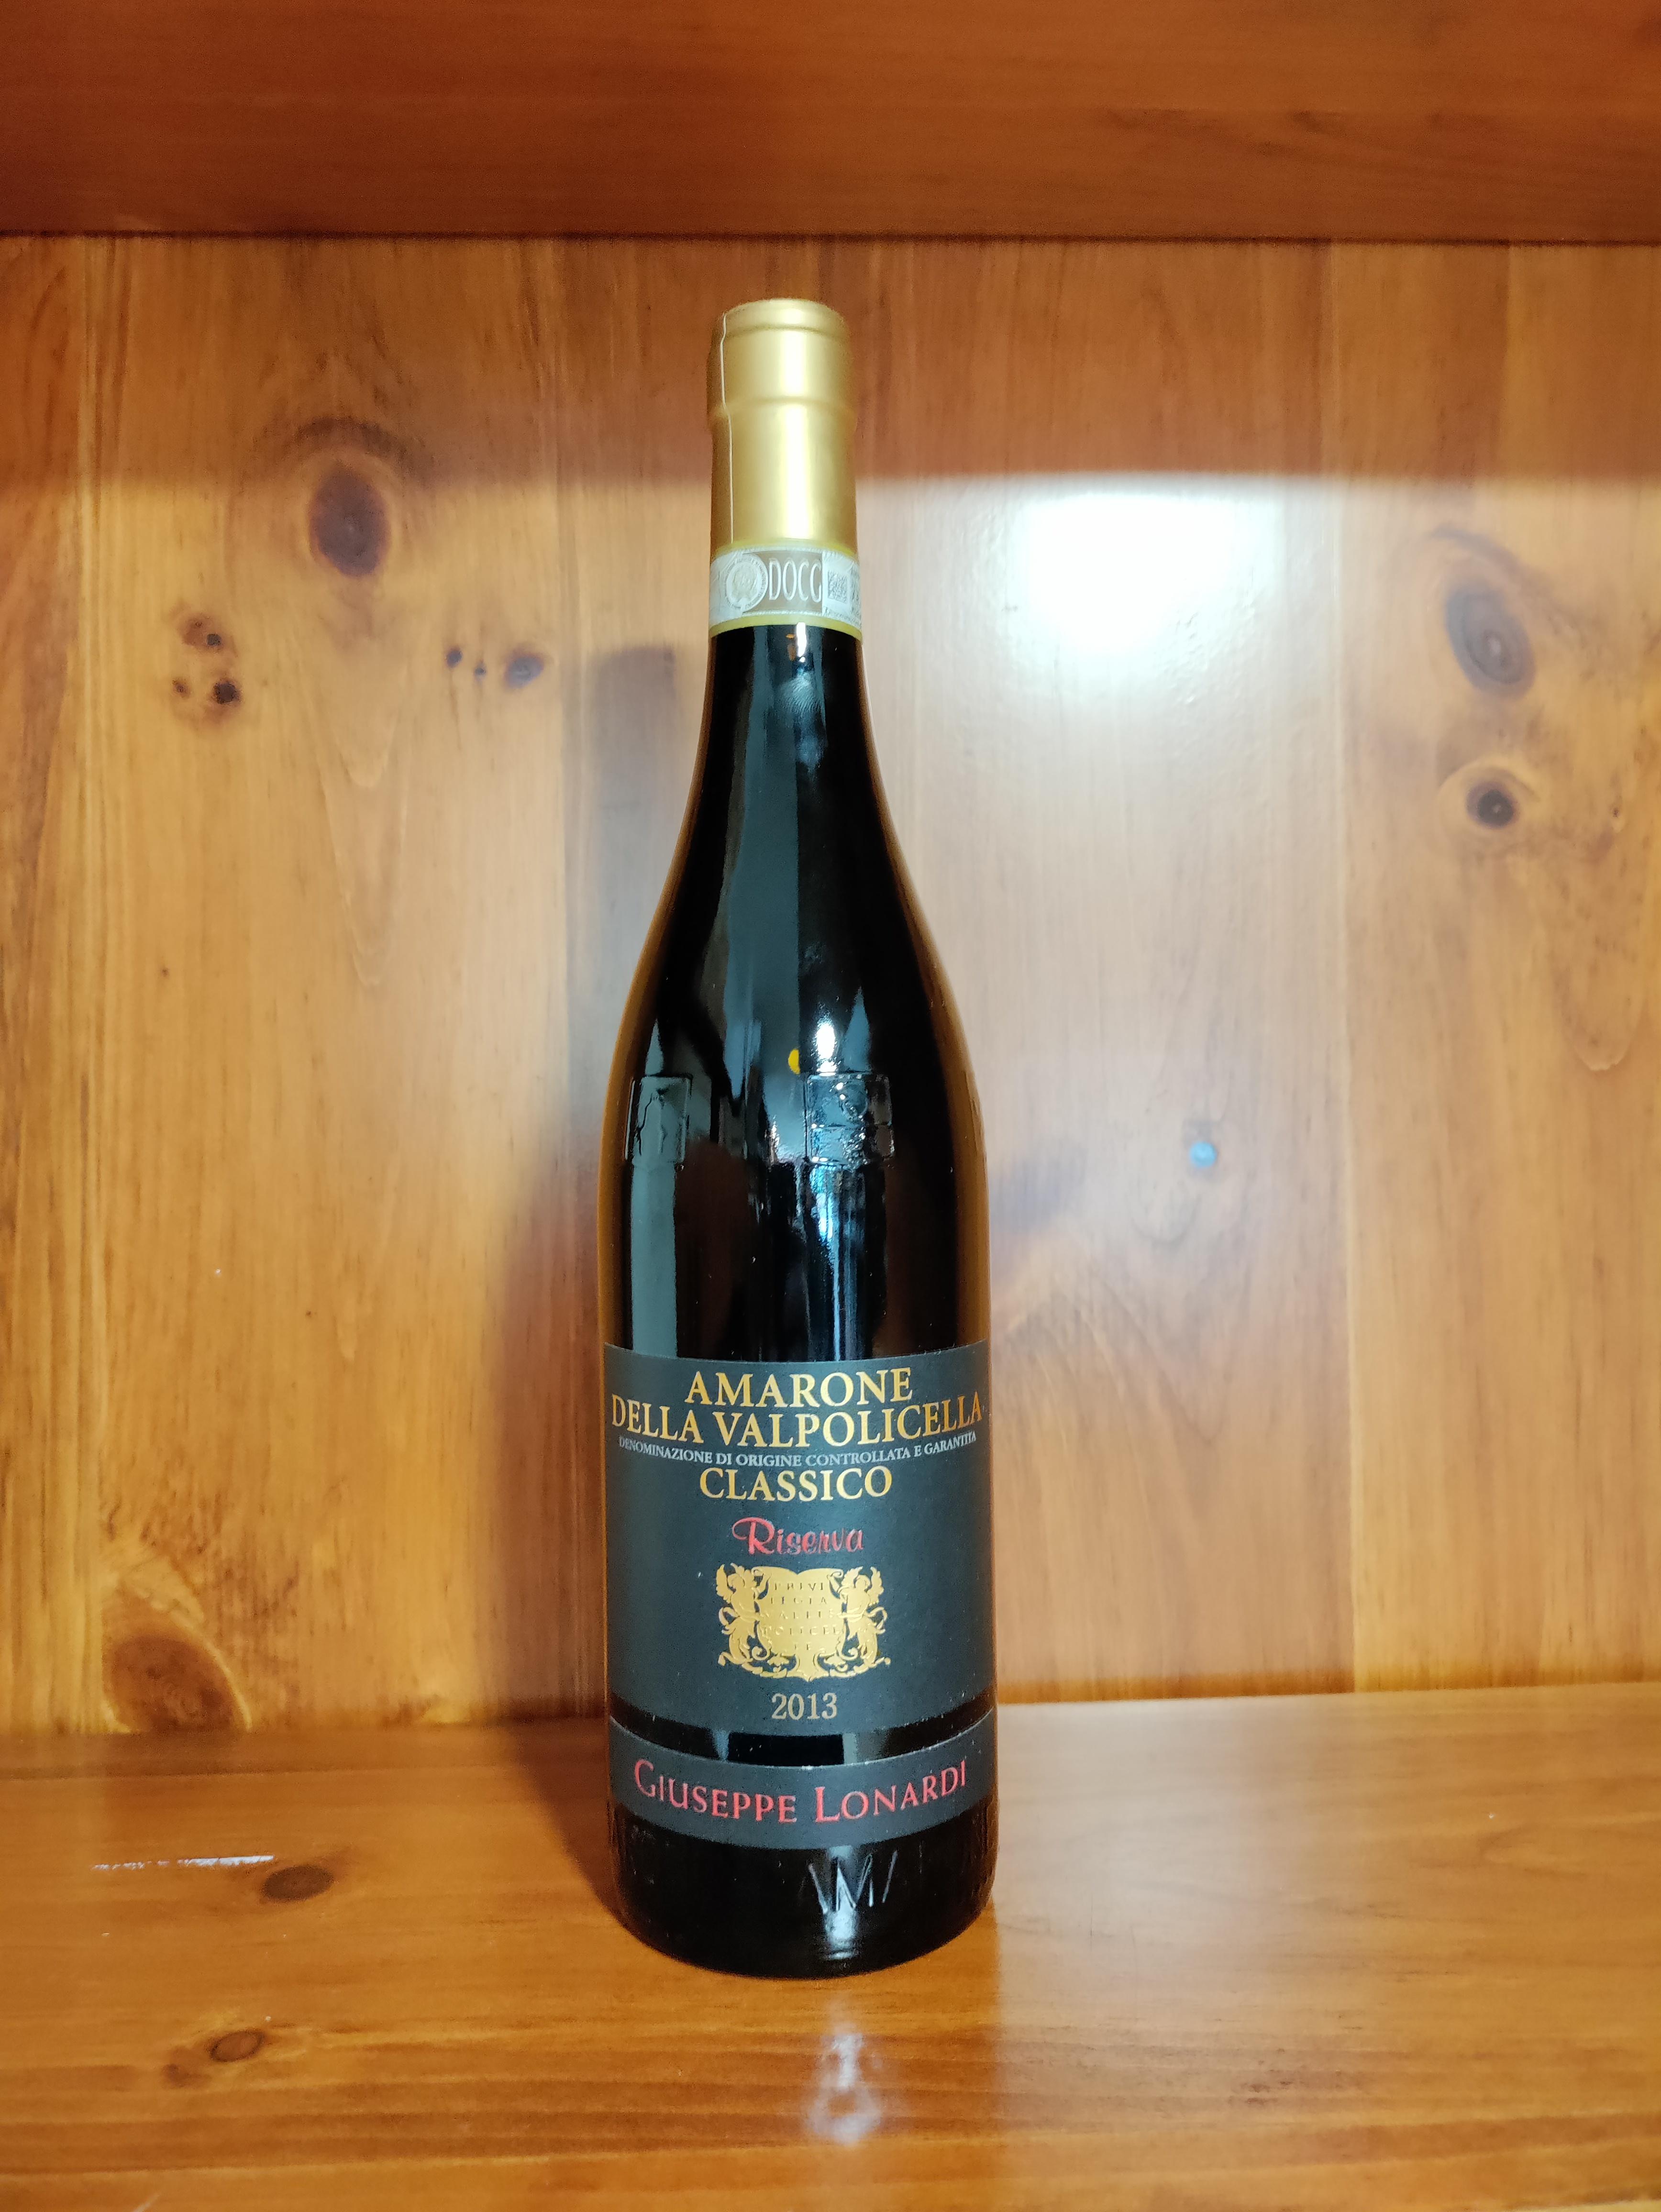 Amarone della Valpolicella Docg Classico Riserva 2013 cl.75 Corte Lonardi